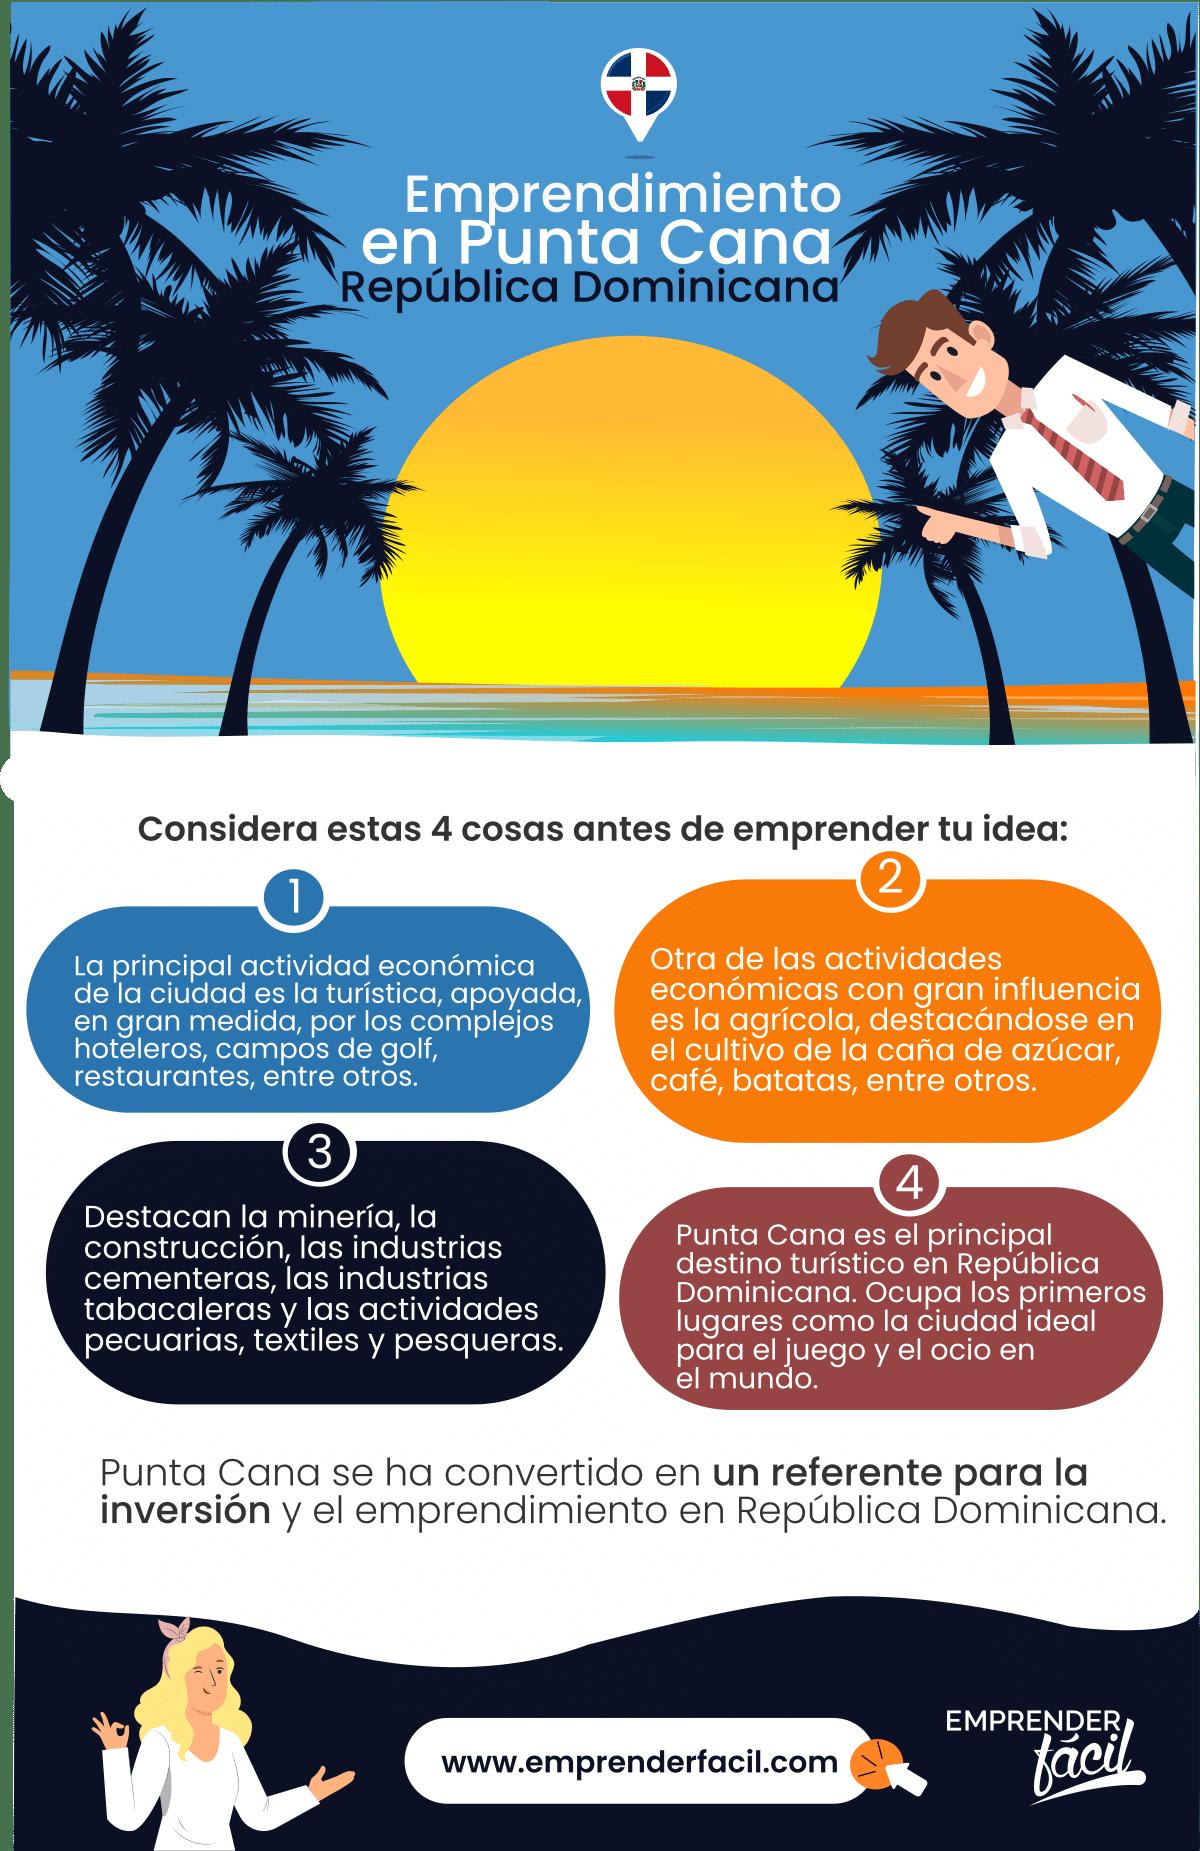 Emprendimiento en Punta Cana: Datos de interés que debes conocer